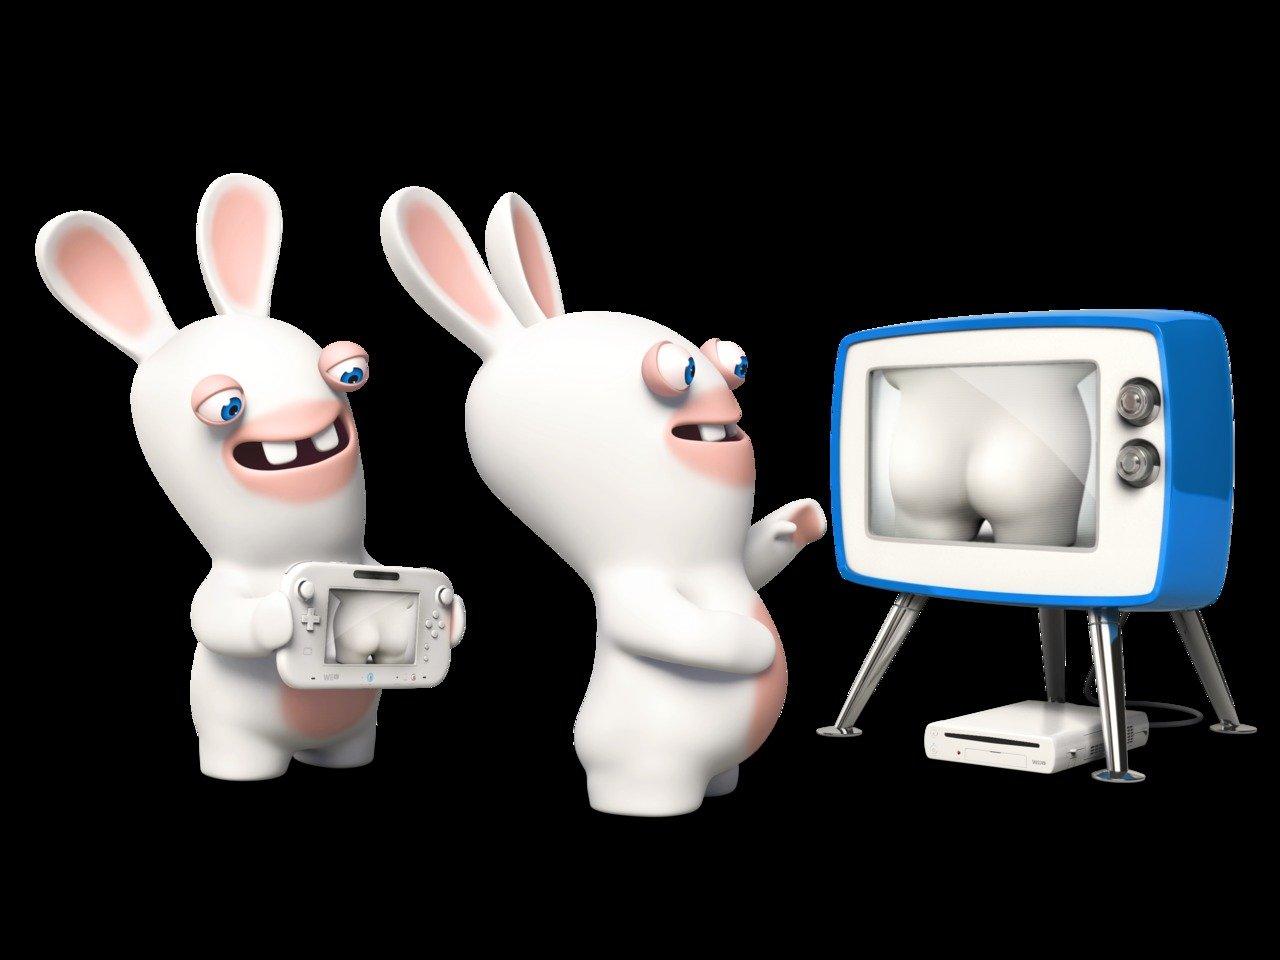 jeuxvideo.com The Lapins Crétins Land - Wii U Image 16 sur 97